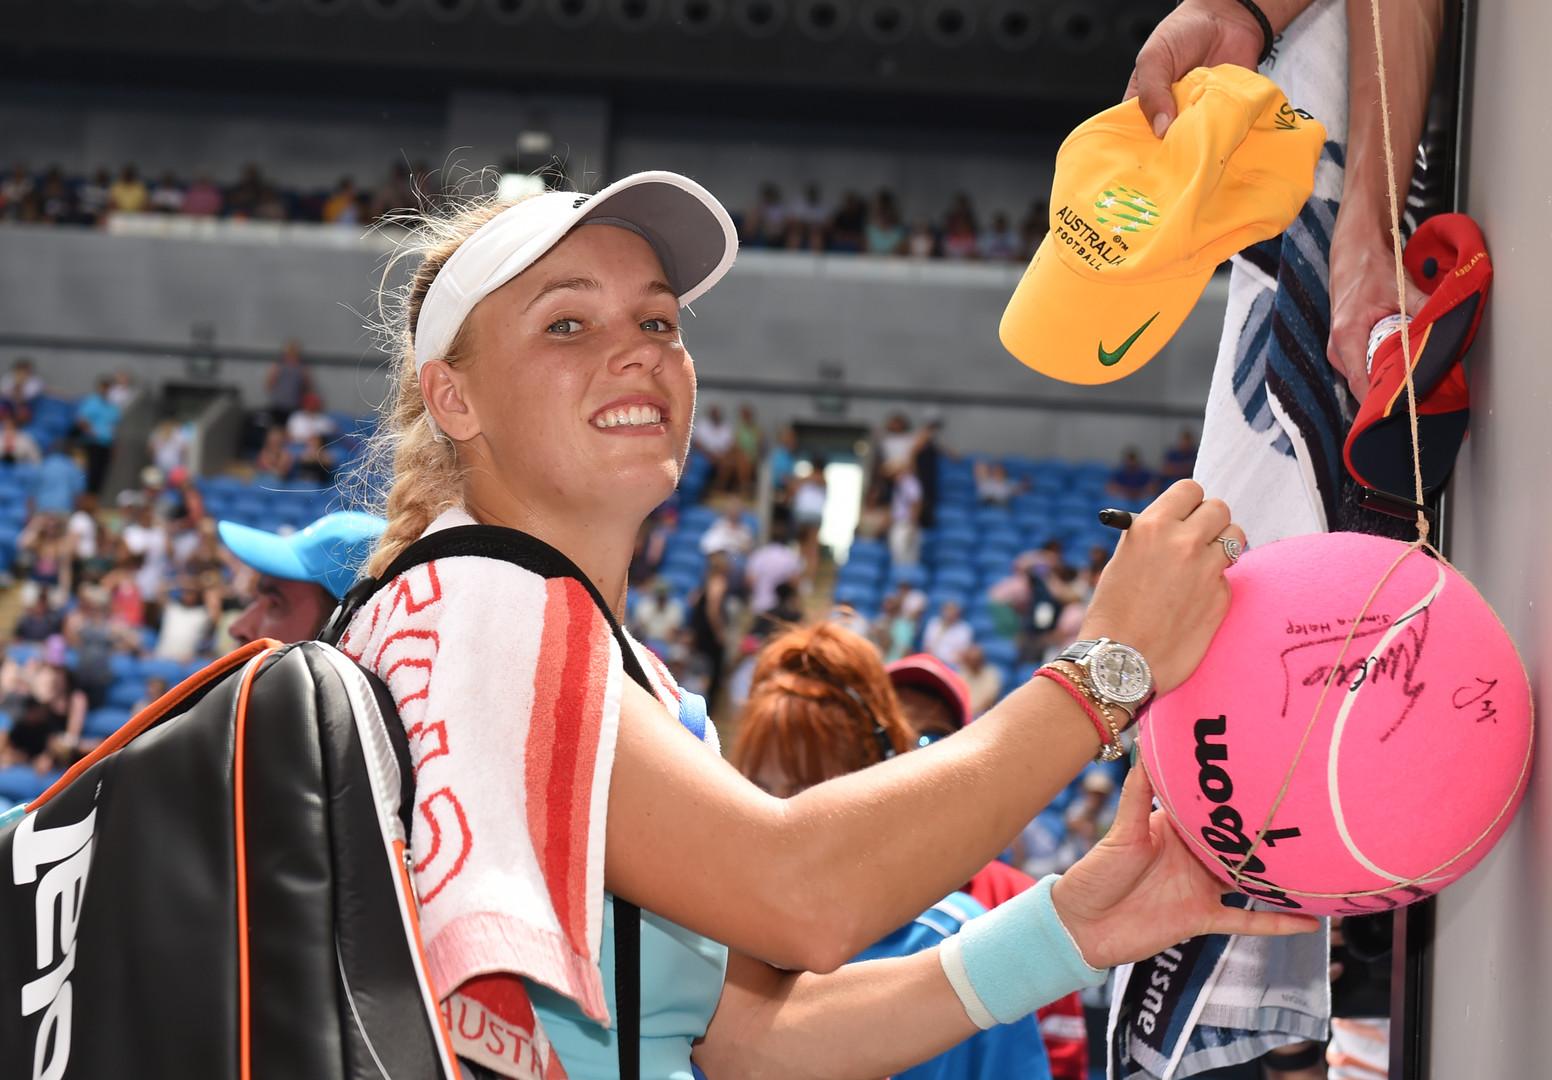 بالصور.. كفيتوفا وفوزنياتسكي إلى ثاني بطولة أستراليا للتنس